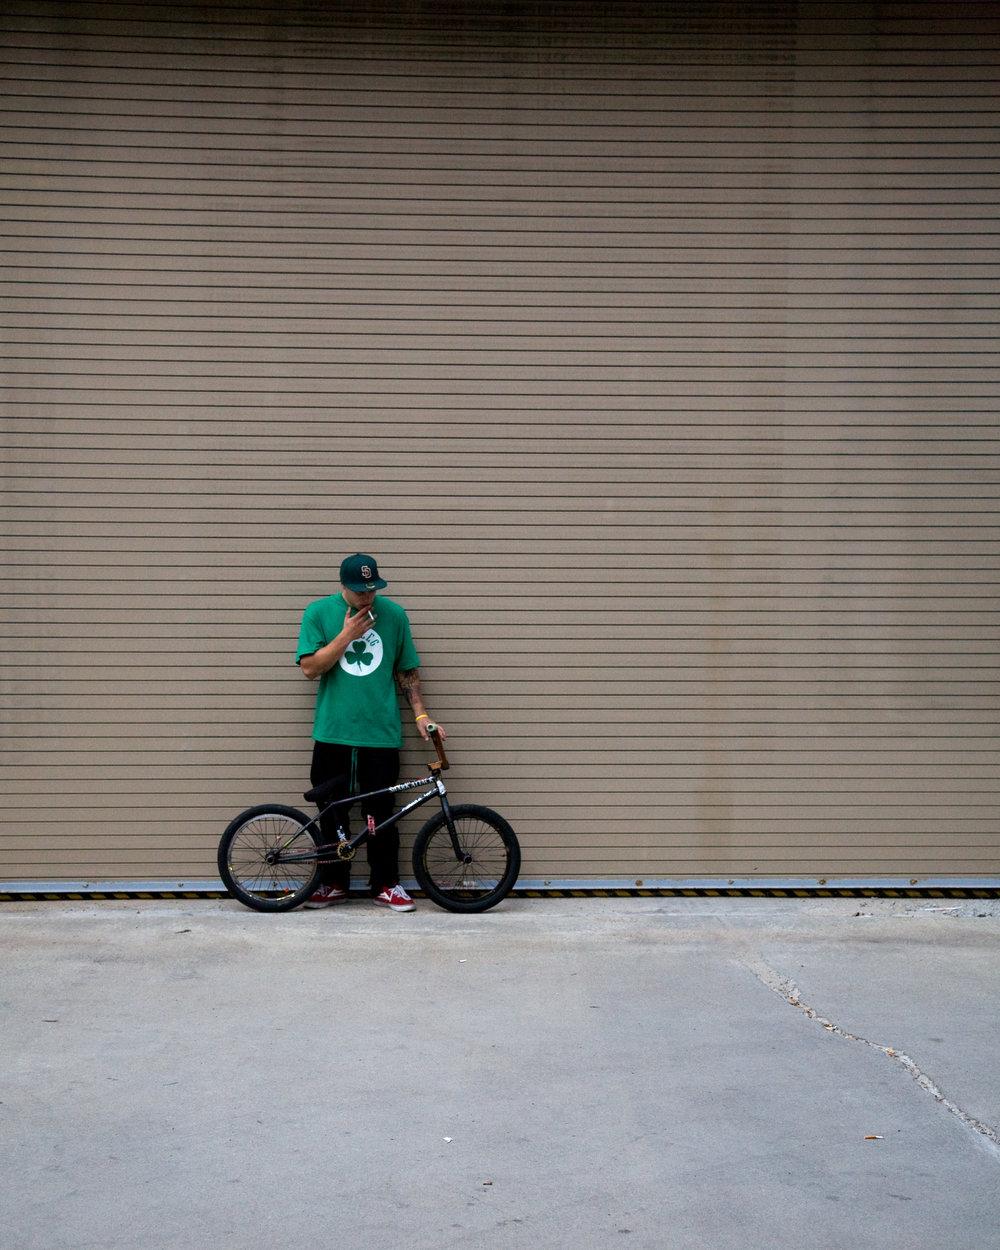 Jeff-Martin-BMX-Portrait-Devin-Feil.jpg